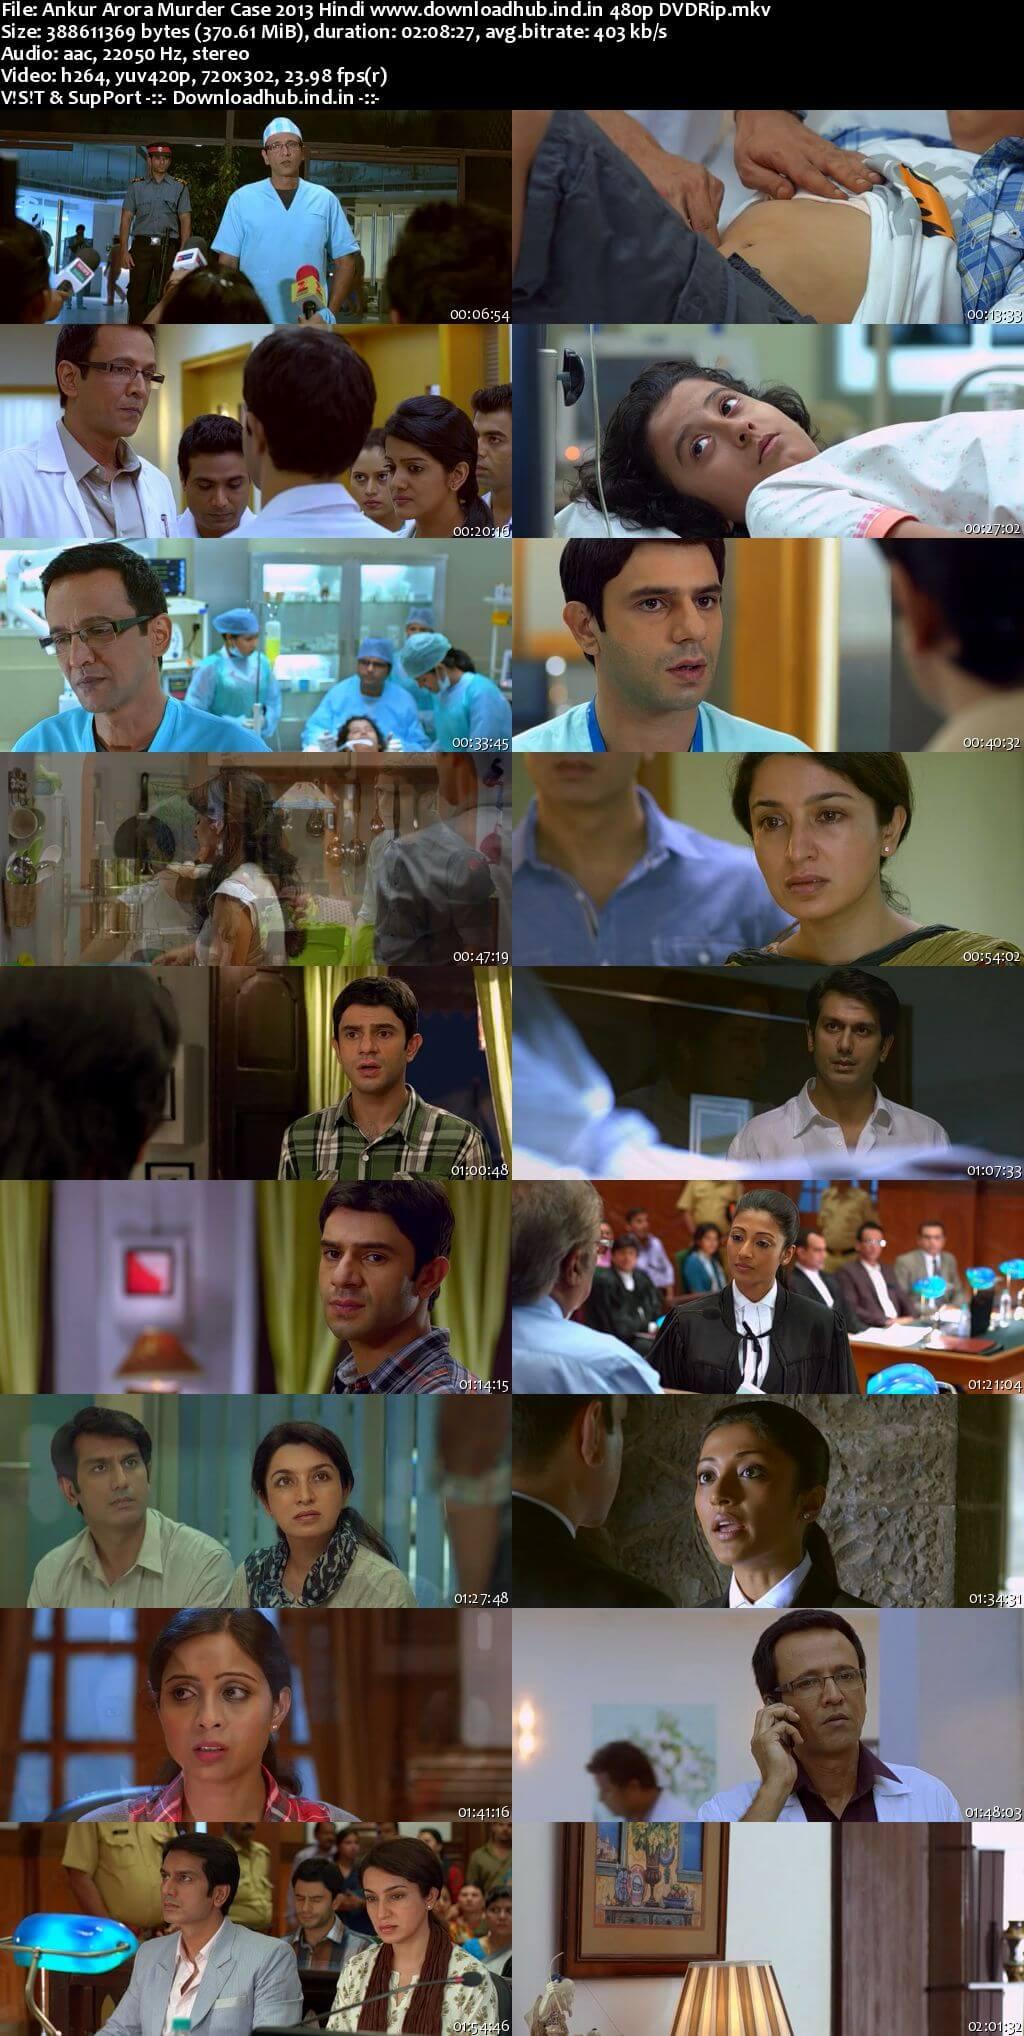 Ankur Arora Murder Case 2013 Hindi 350MB DVDRip 480p ESubs